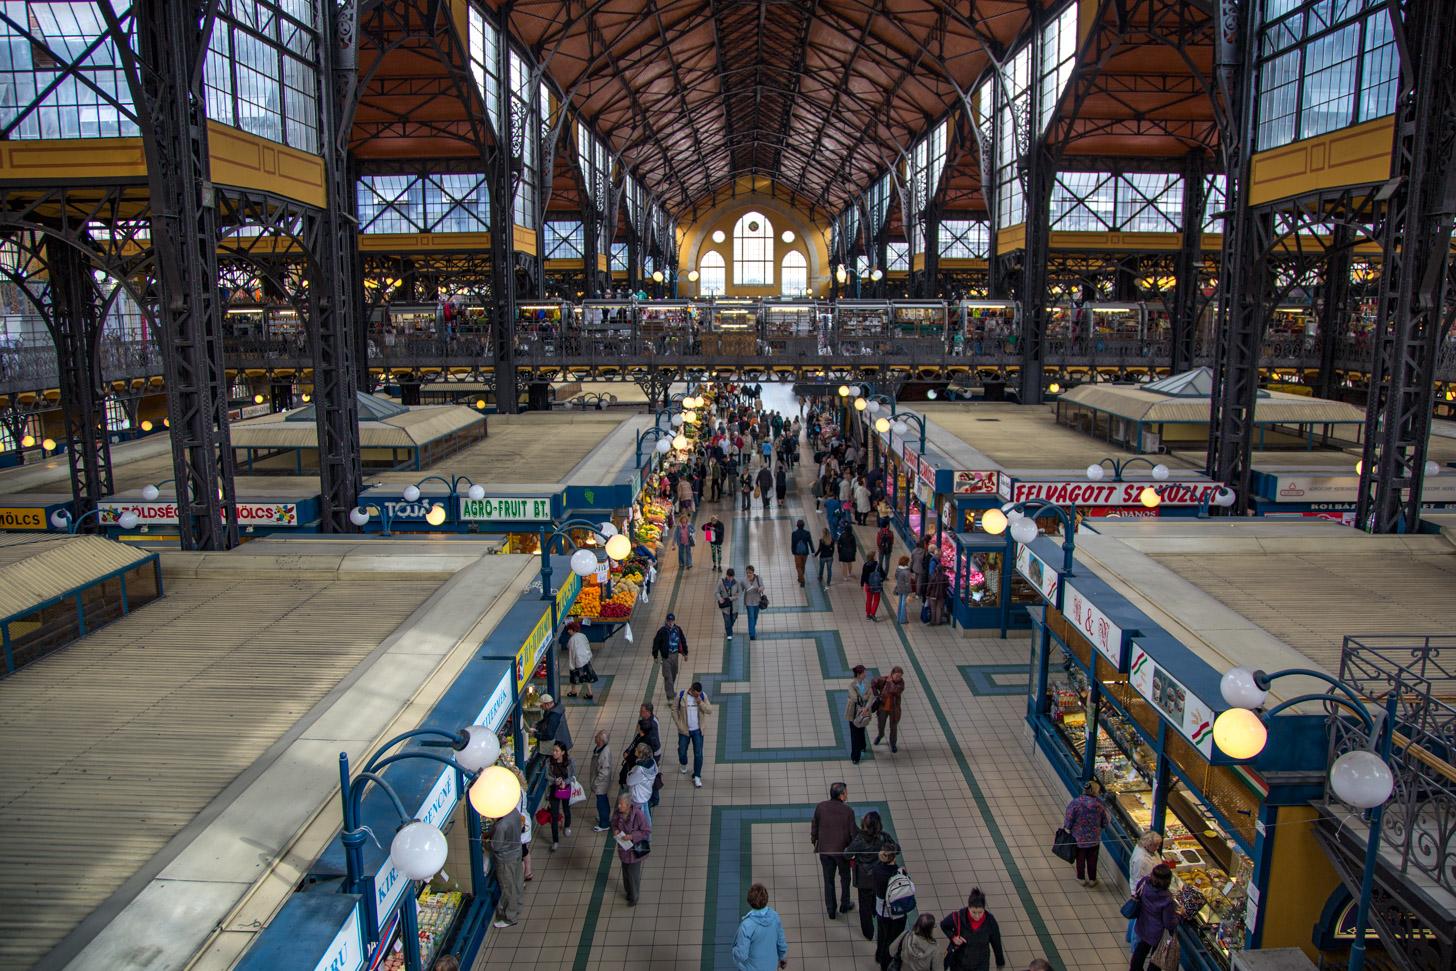 De prachtige overdekte markthal van Boedapest